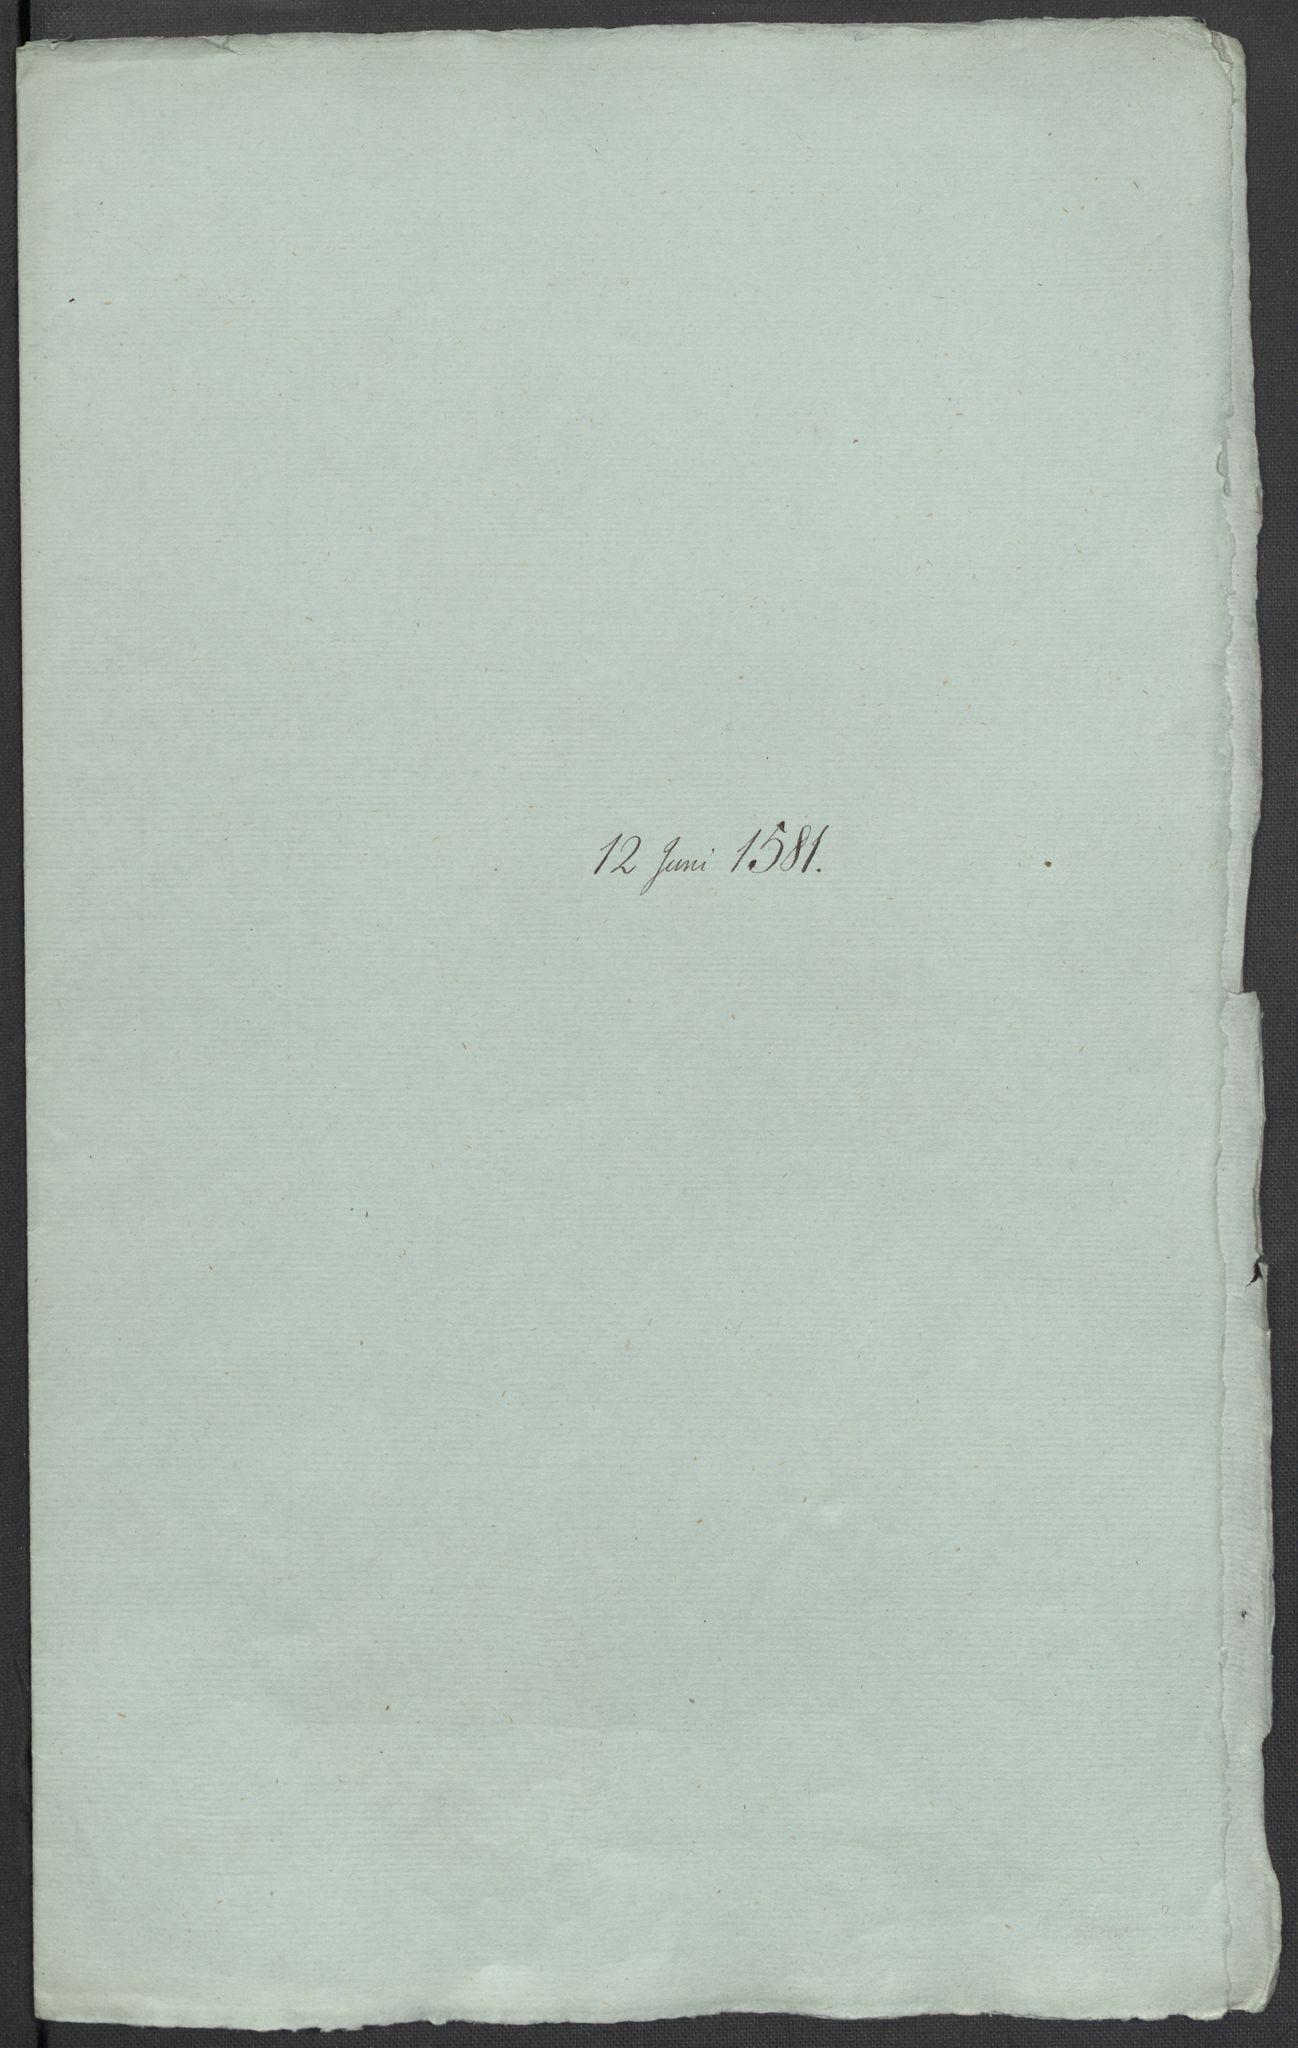 RA, Riksarkivets diplomsamling, F02/L0083: Dokumenter, 1581, s. 22